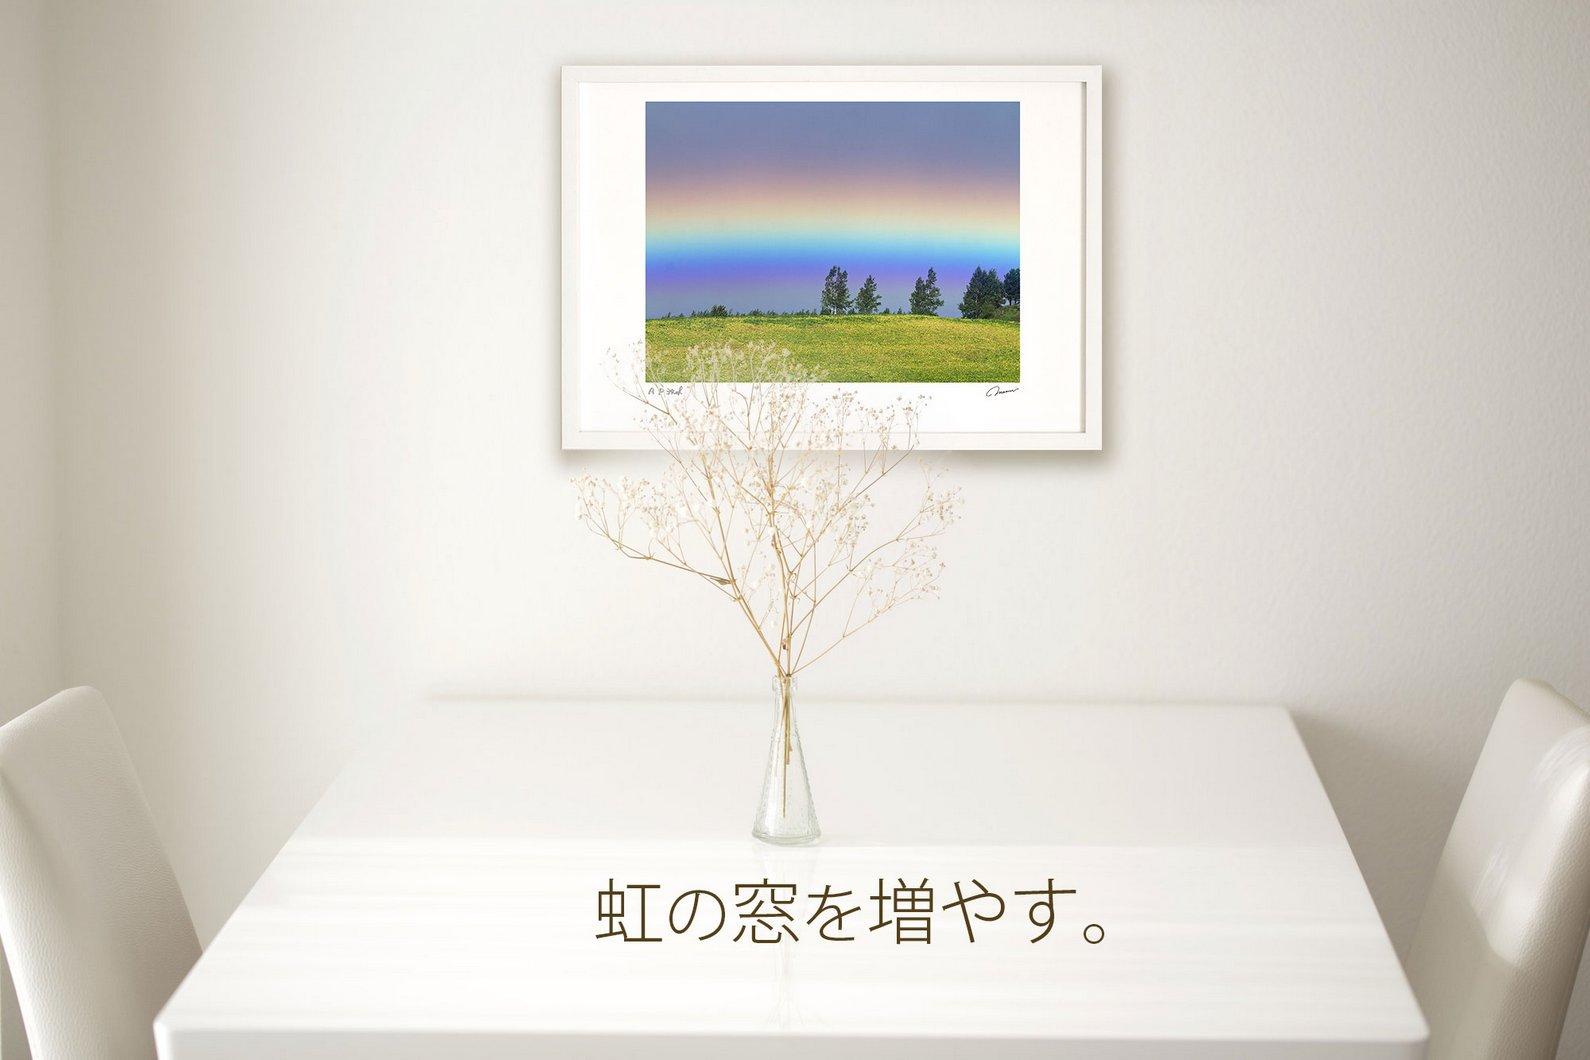 《アートフォト》新緑と桜3/富良野市〔富良野・高橋真澄〕(レンタル対象)